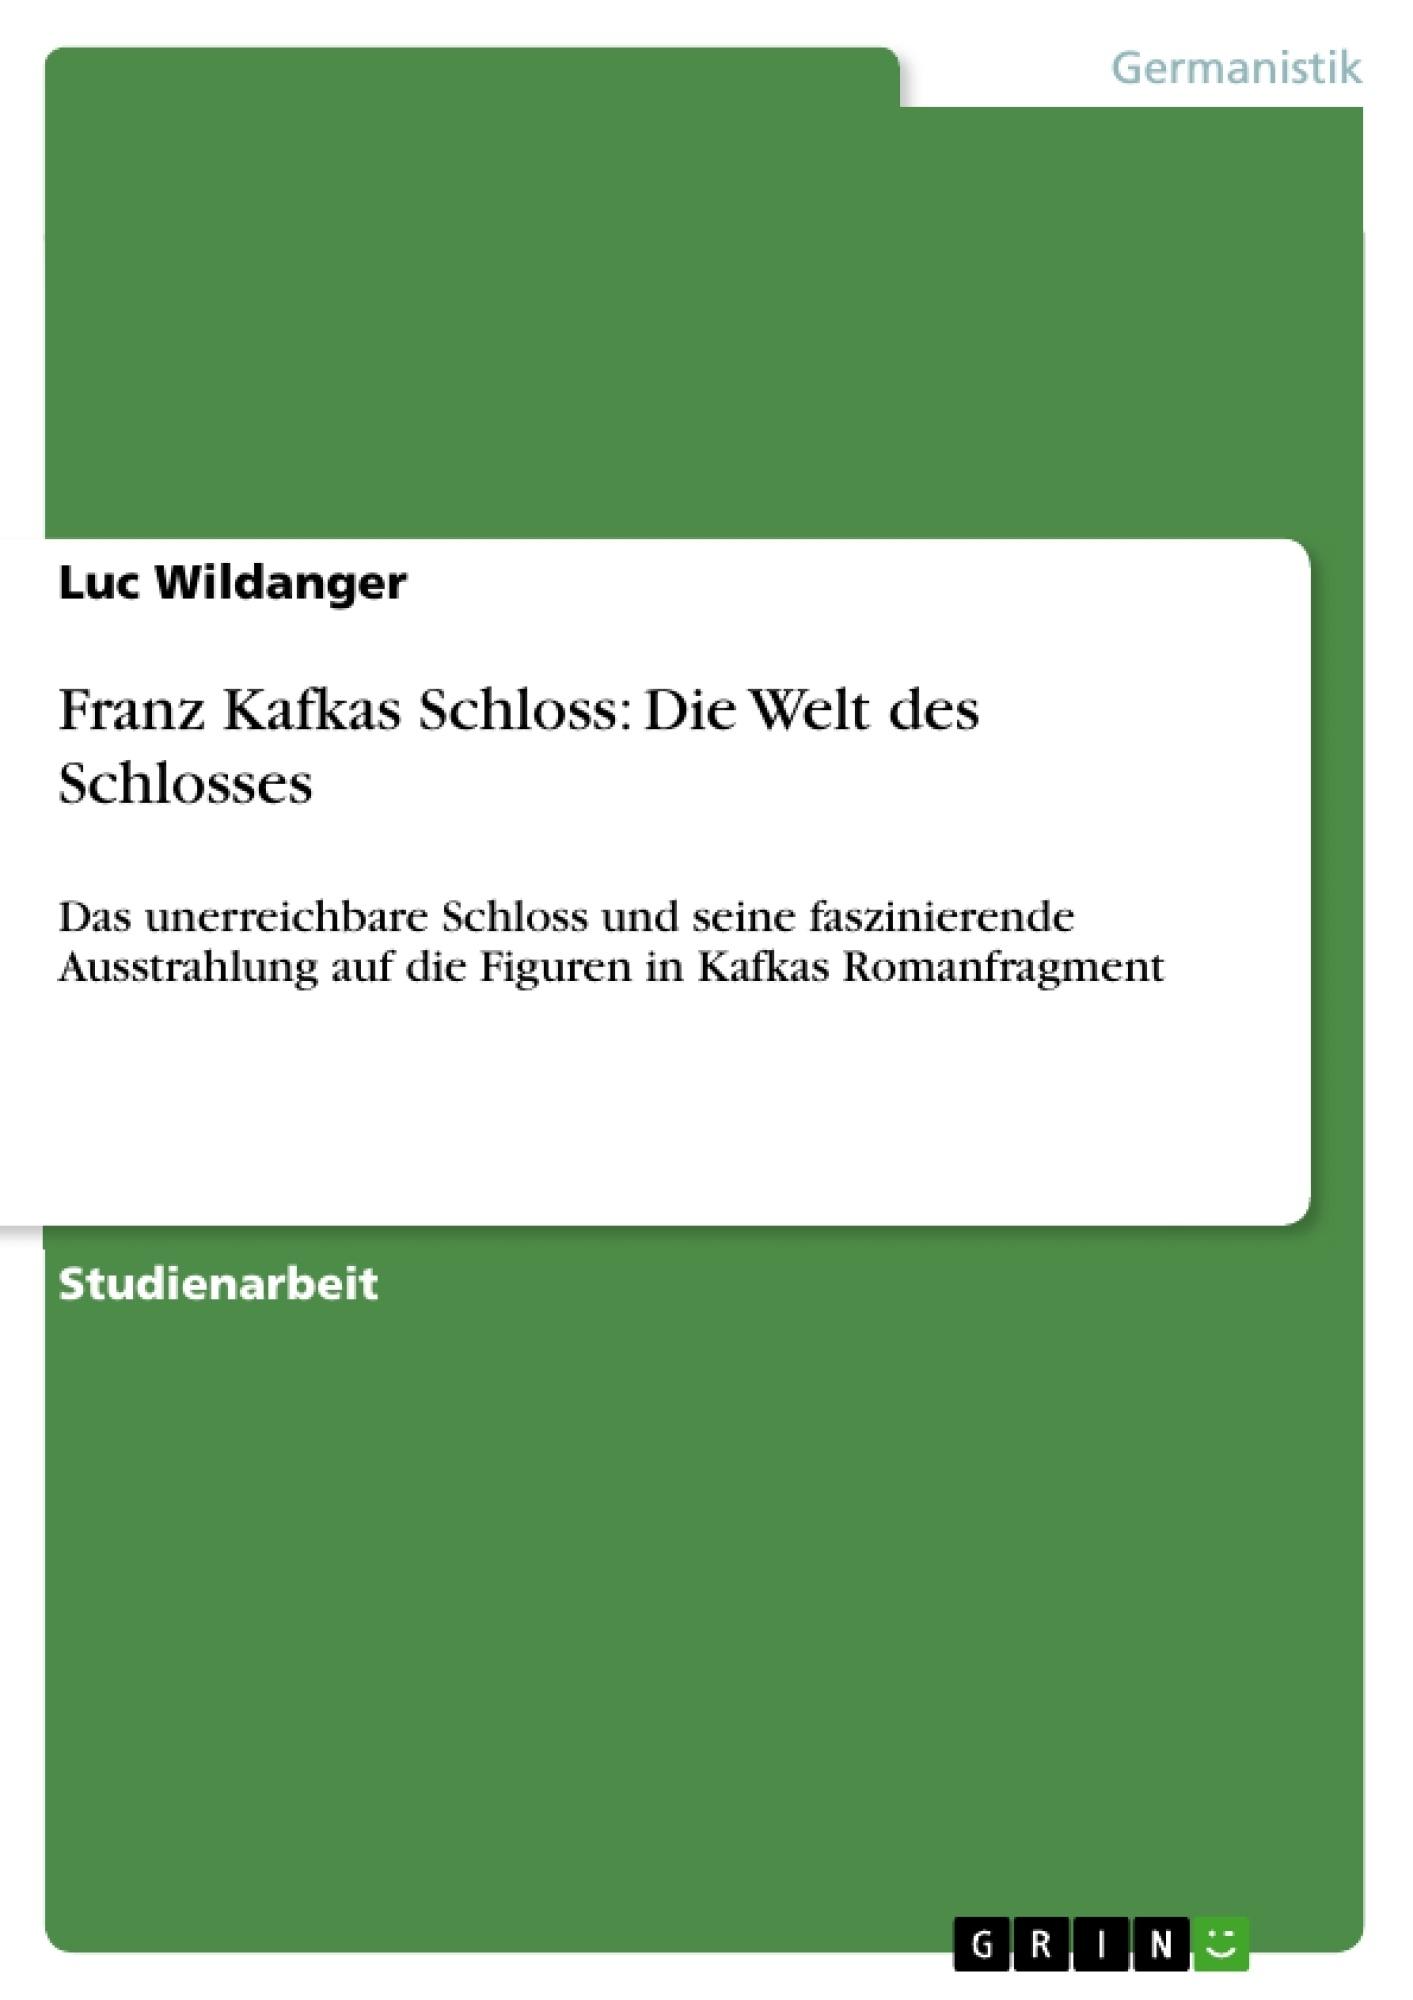 Titel: Franz Kafkas Schloss: Die Welt des Schlosses